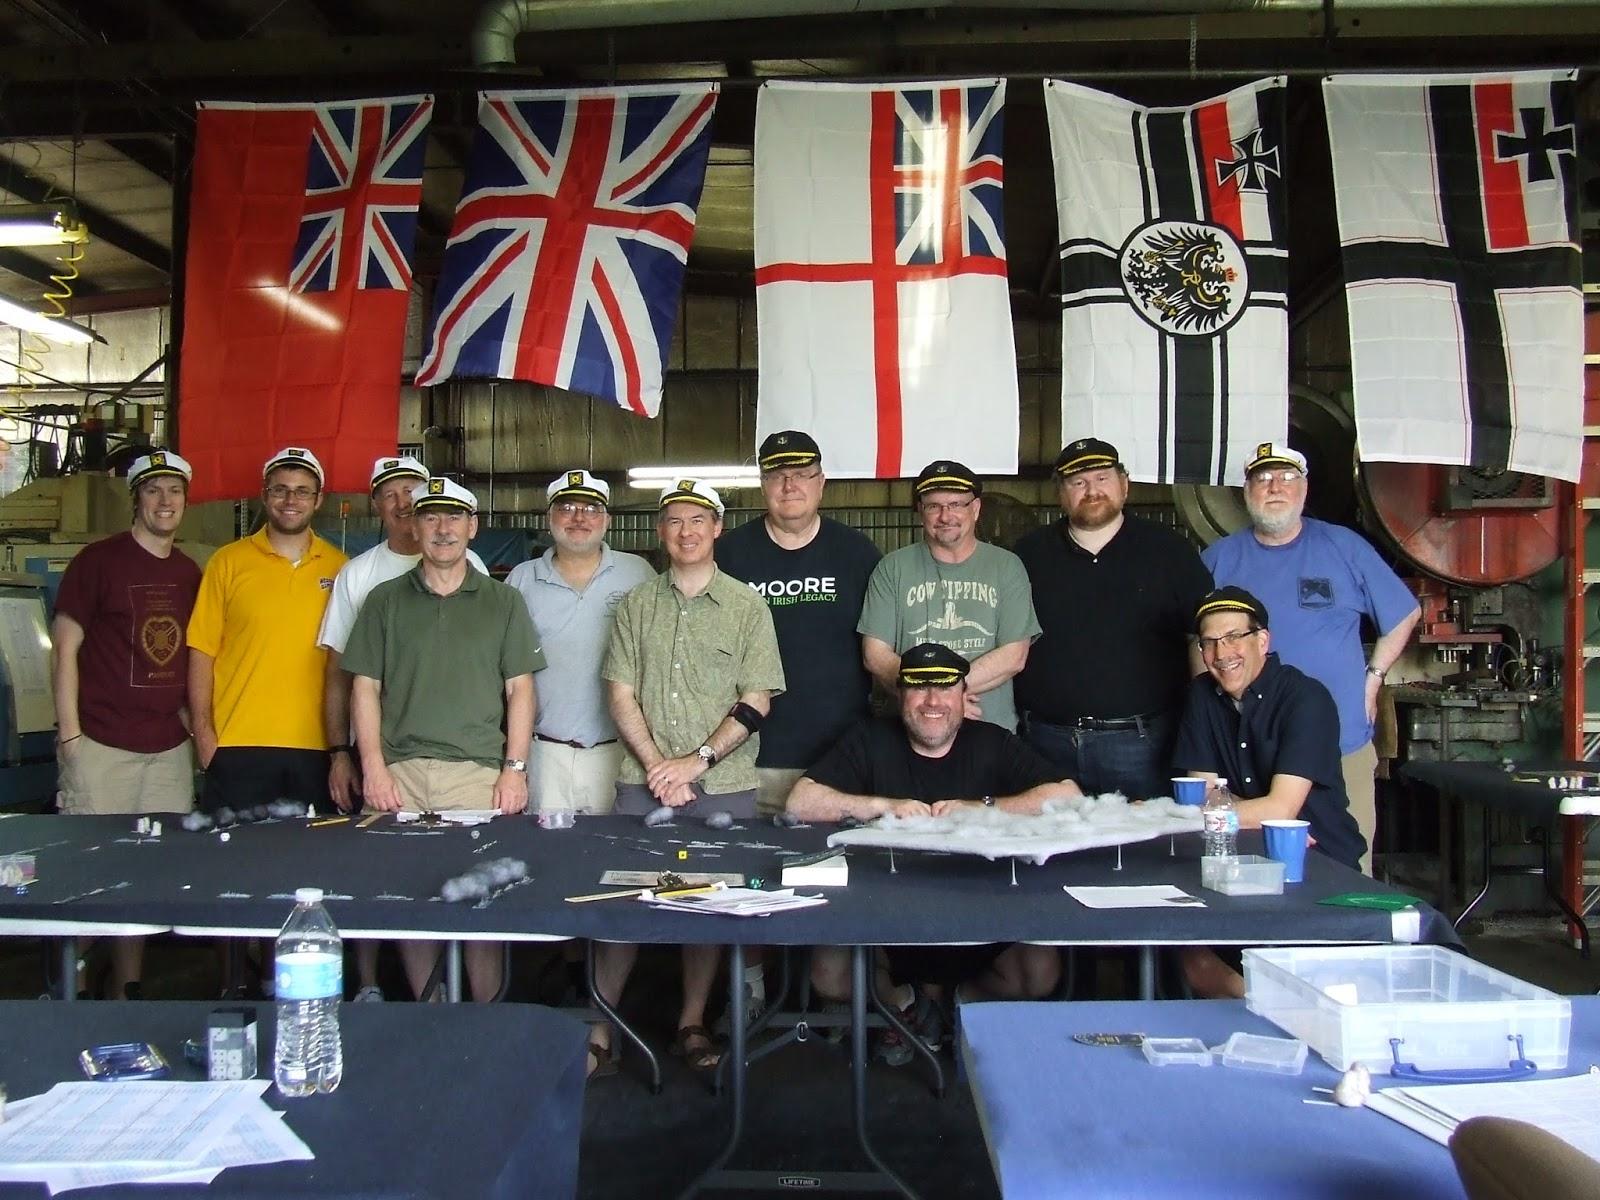 Splendid Little Wars: Jutland Re-fight - The 100 Year